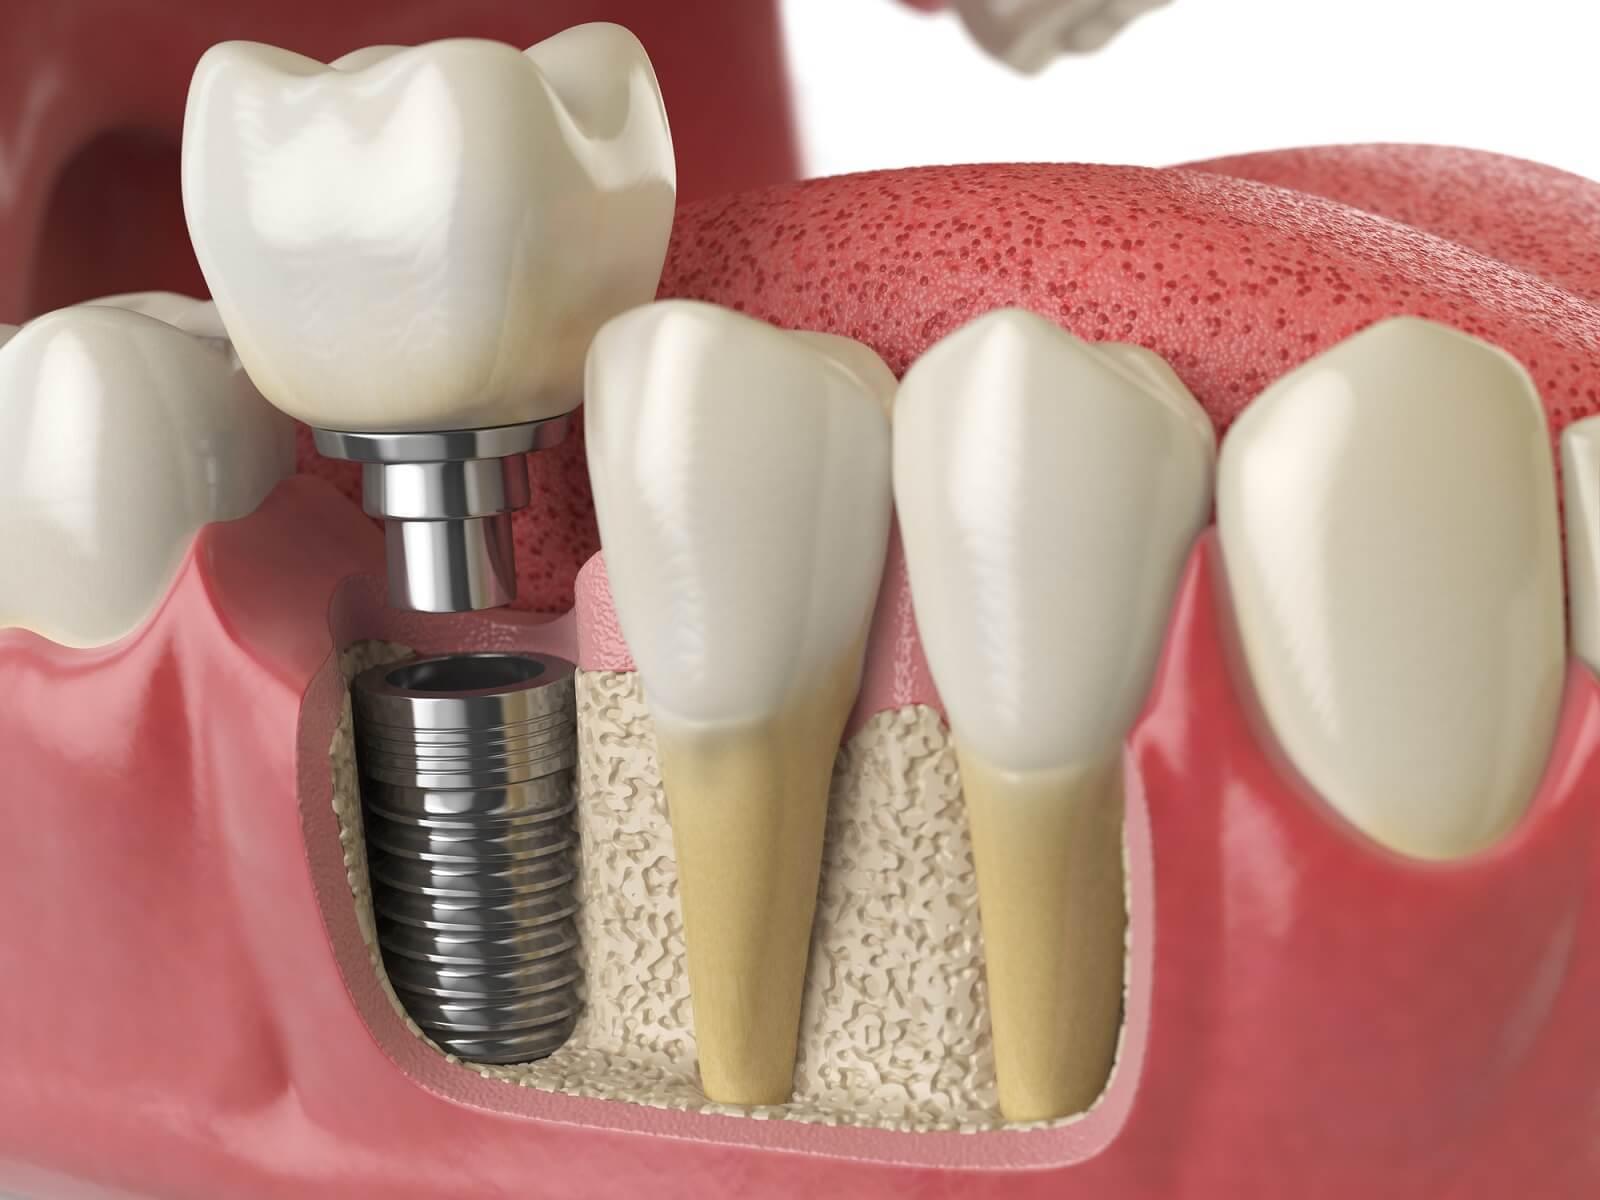 implant hizmet antalya